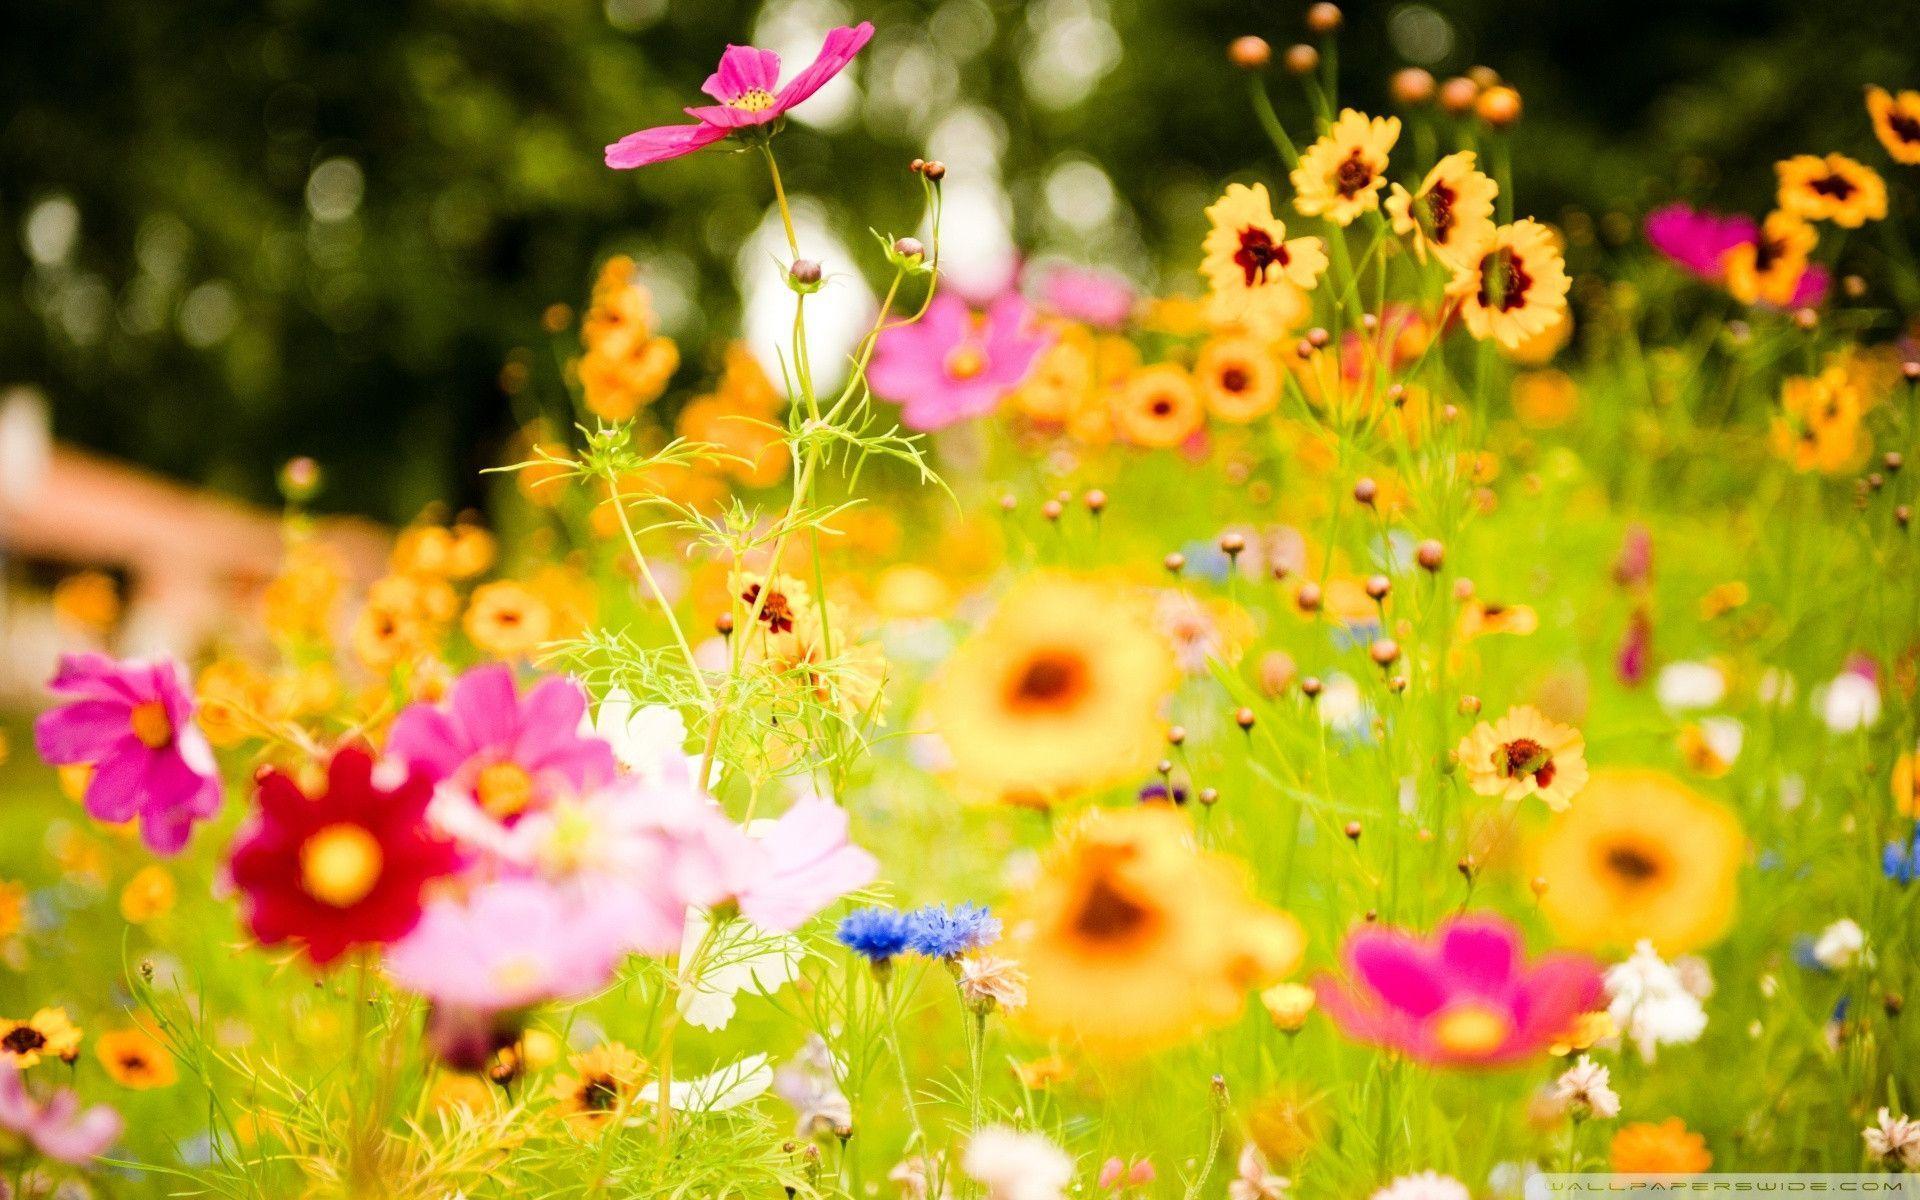 Summer Flowers Wallpapers Wallpaper